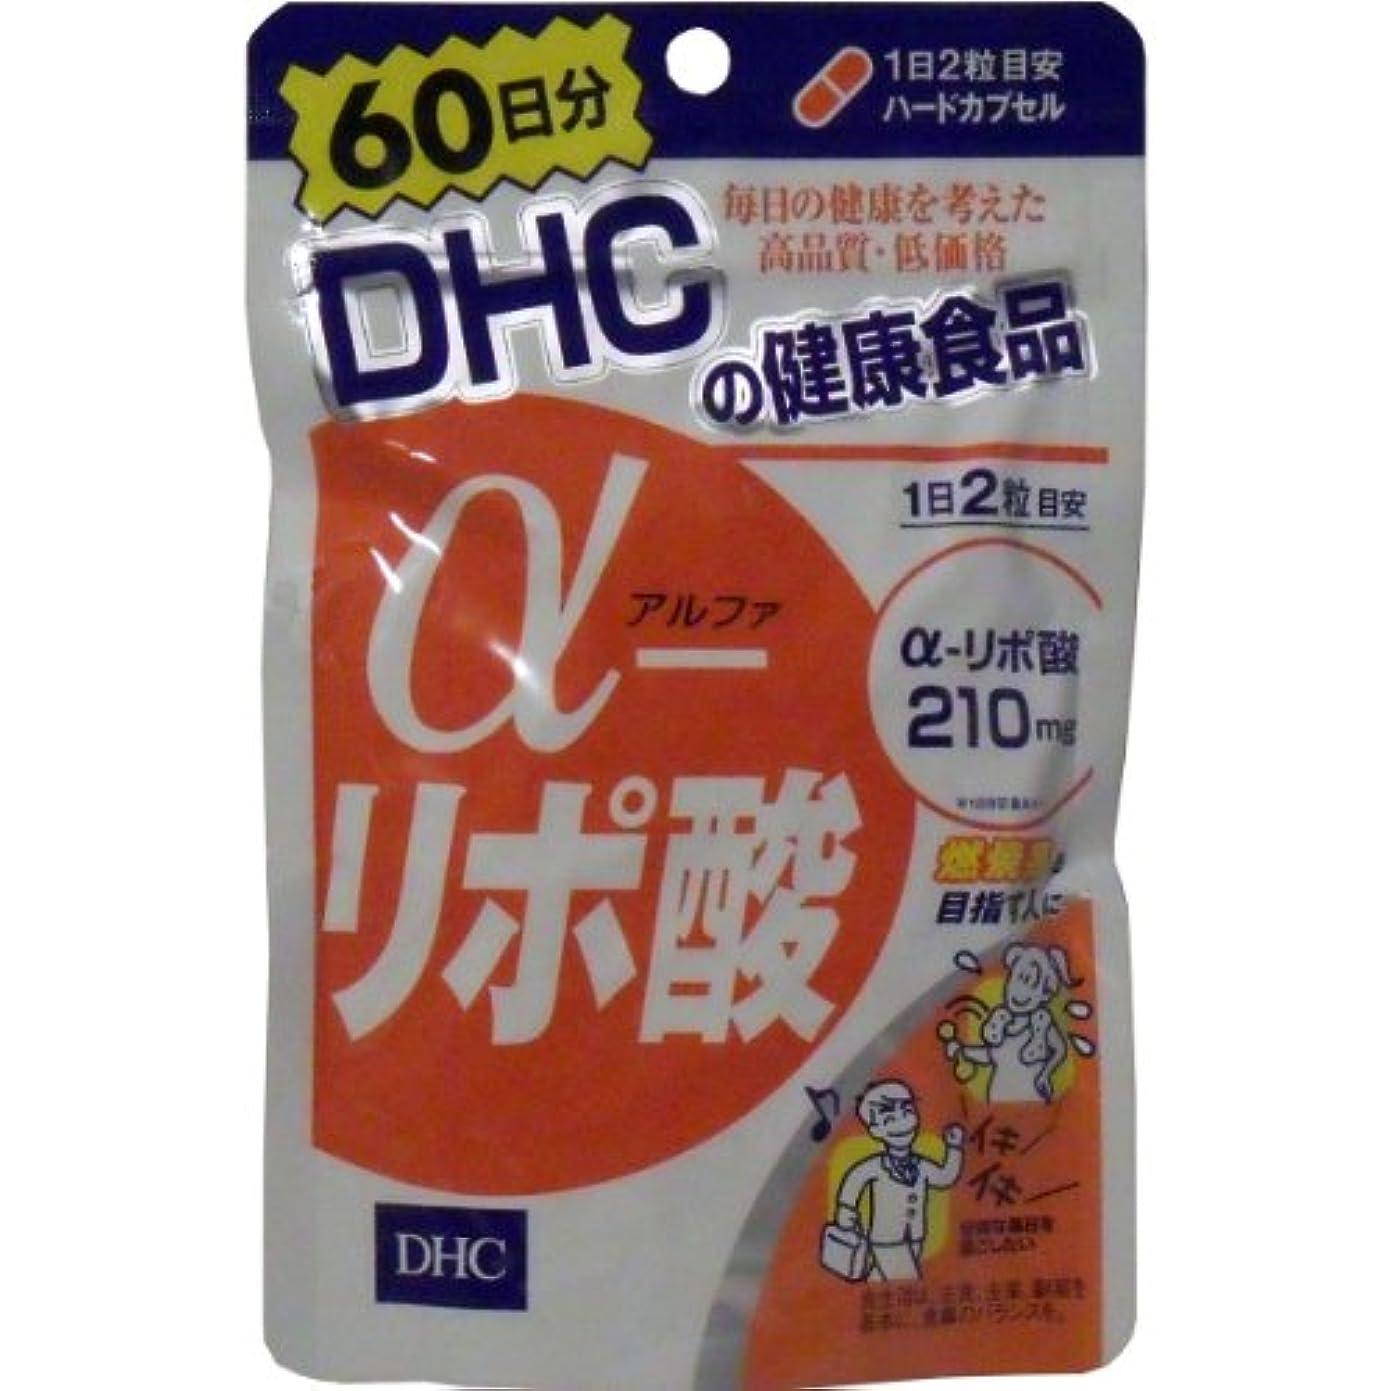 レタッチボイド教科書α-リポ酸は、もともと体内にあるエネルギー活性成分。サプリメントでの効率的な補給がおすすめ!DHC120粒 60日分 【4個セット】